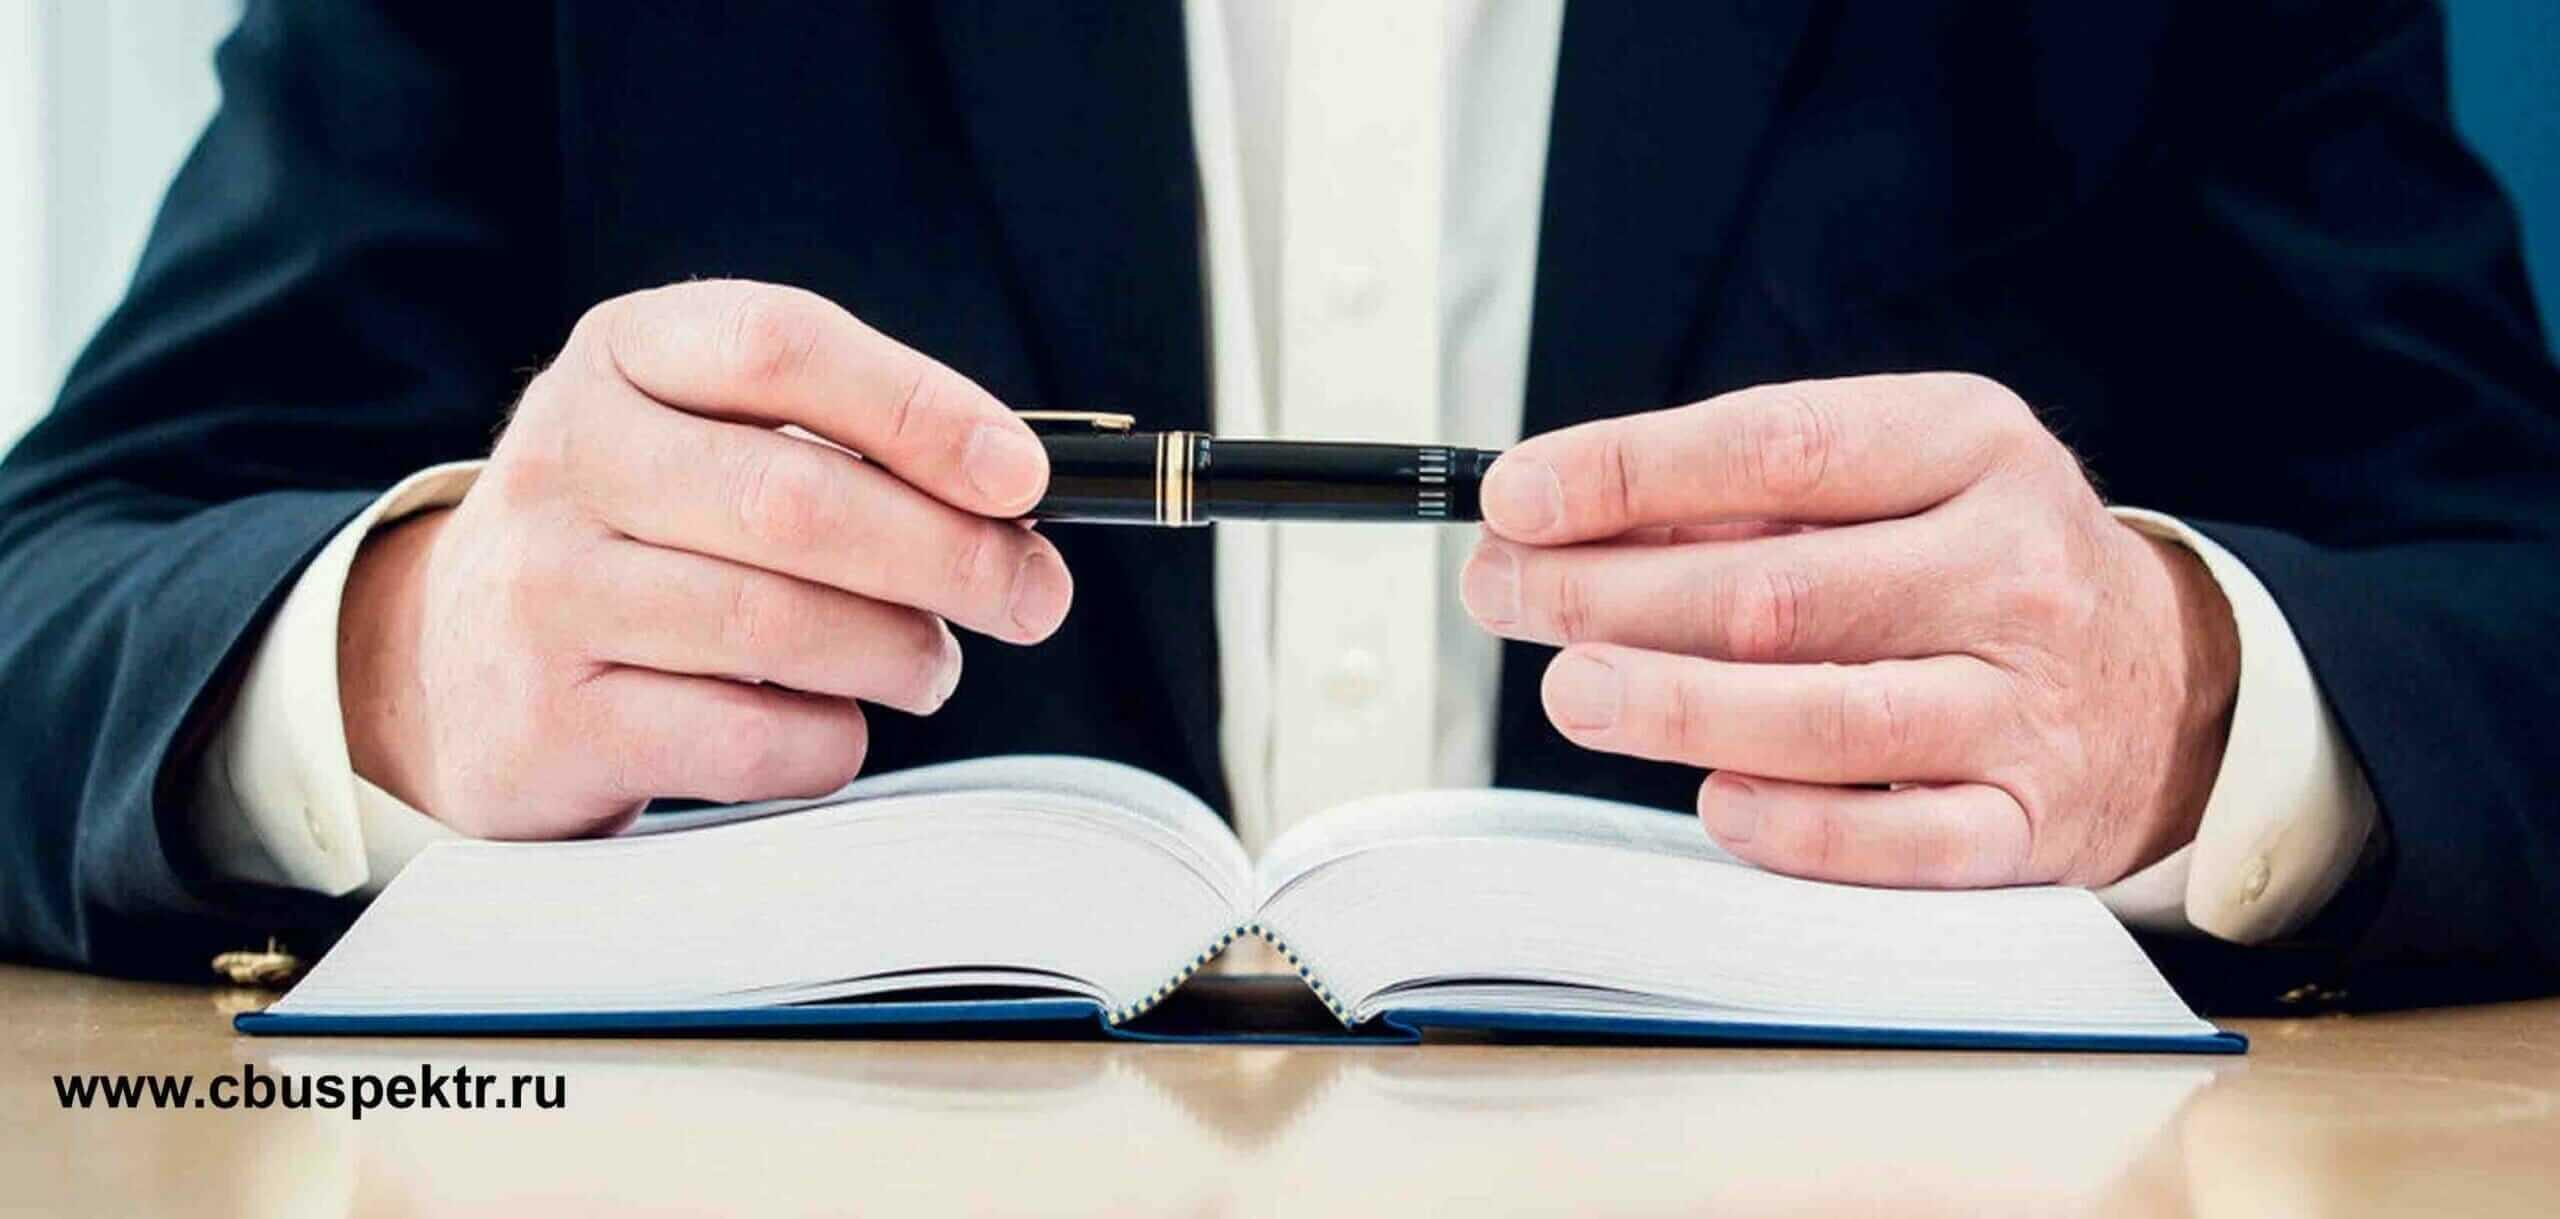 Юрист с шариковой ручкой и ежедневником